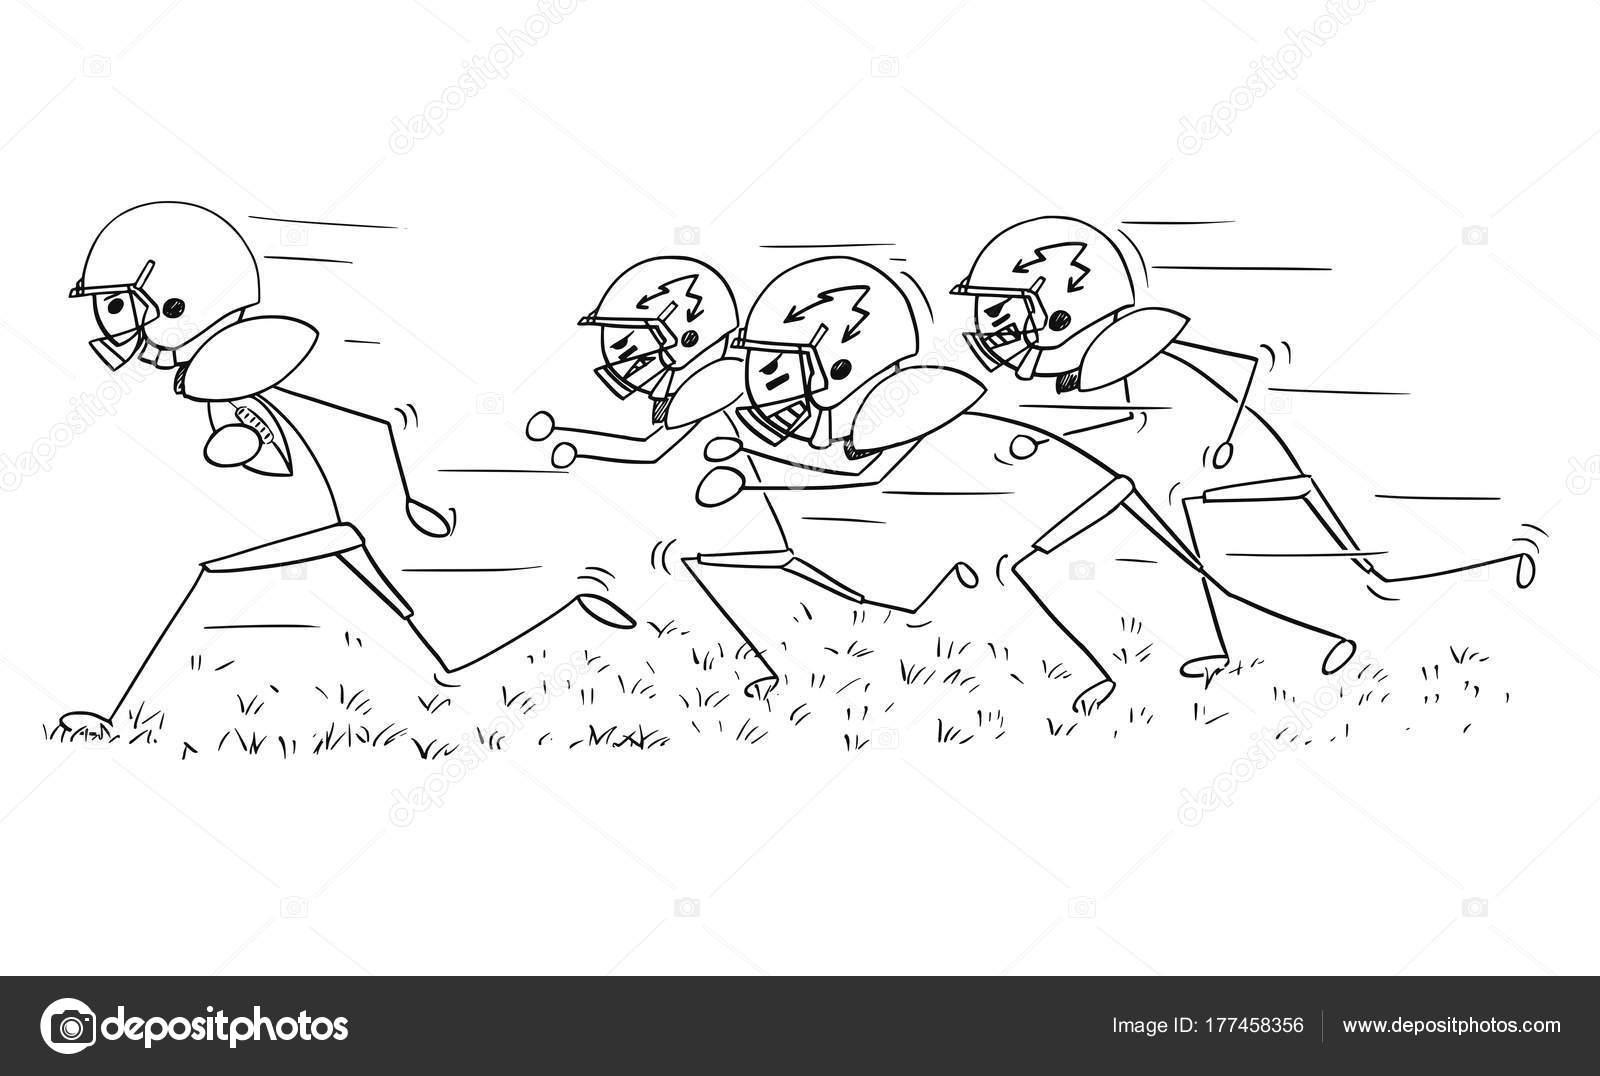 Cartoon strichmännchen zeichnen illustration des american footballspieler laufen mit ball von verteidiger verfolgt vektor von ursuszdeneksasek com